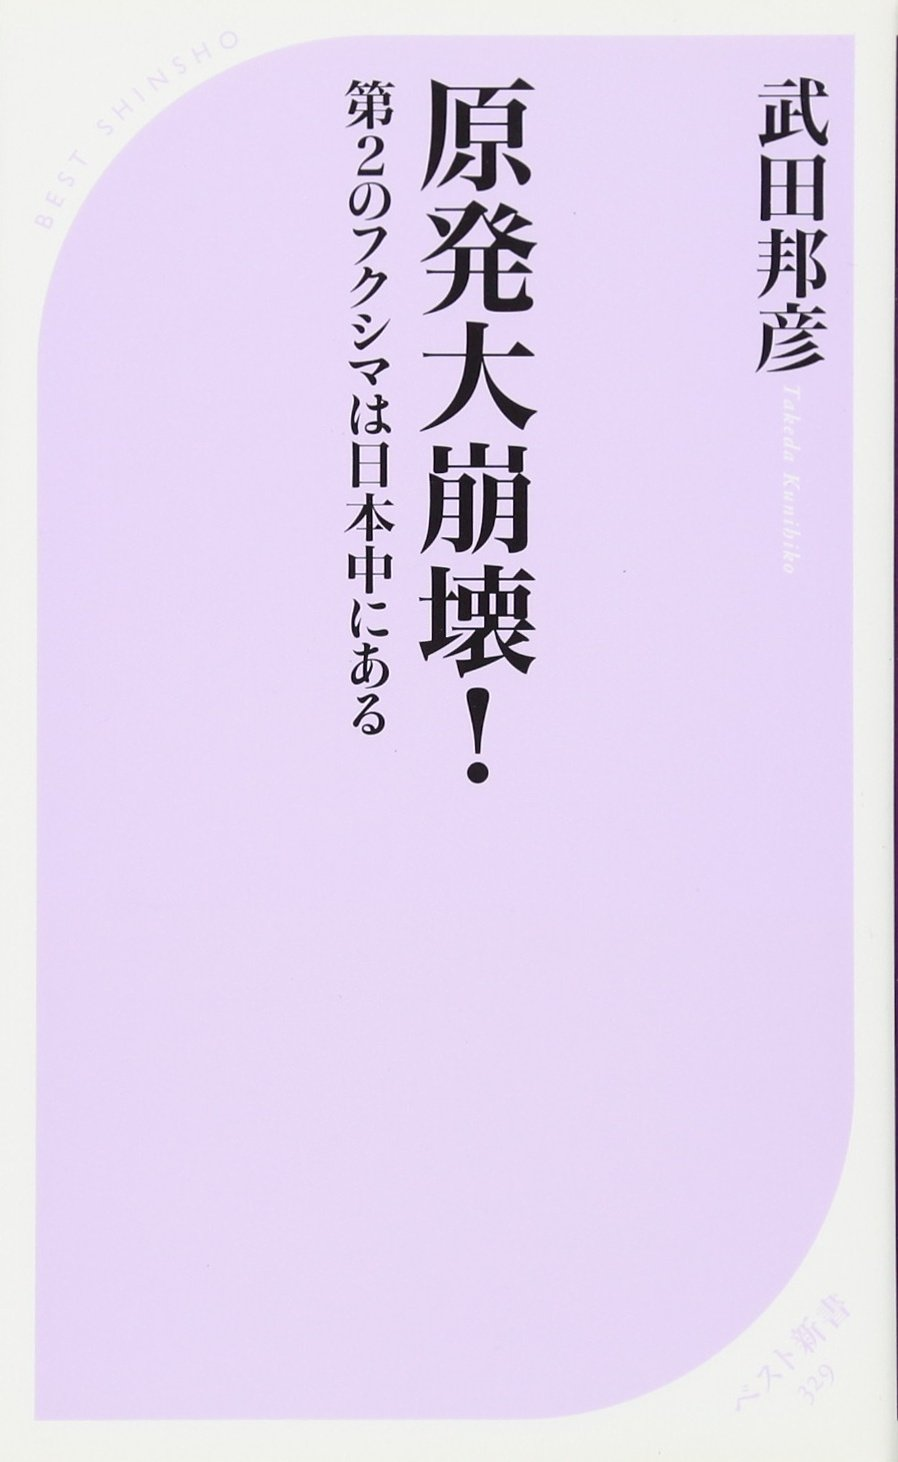 ウイルス 武田 邦彦 コロナ